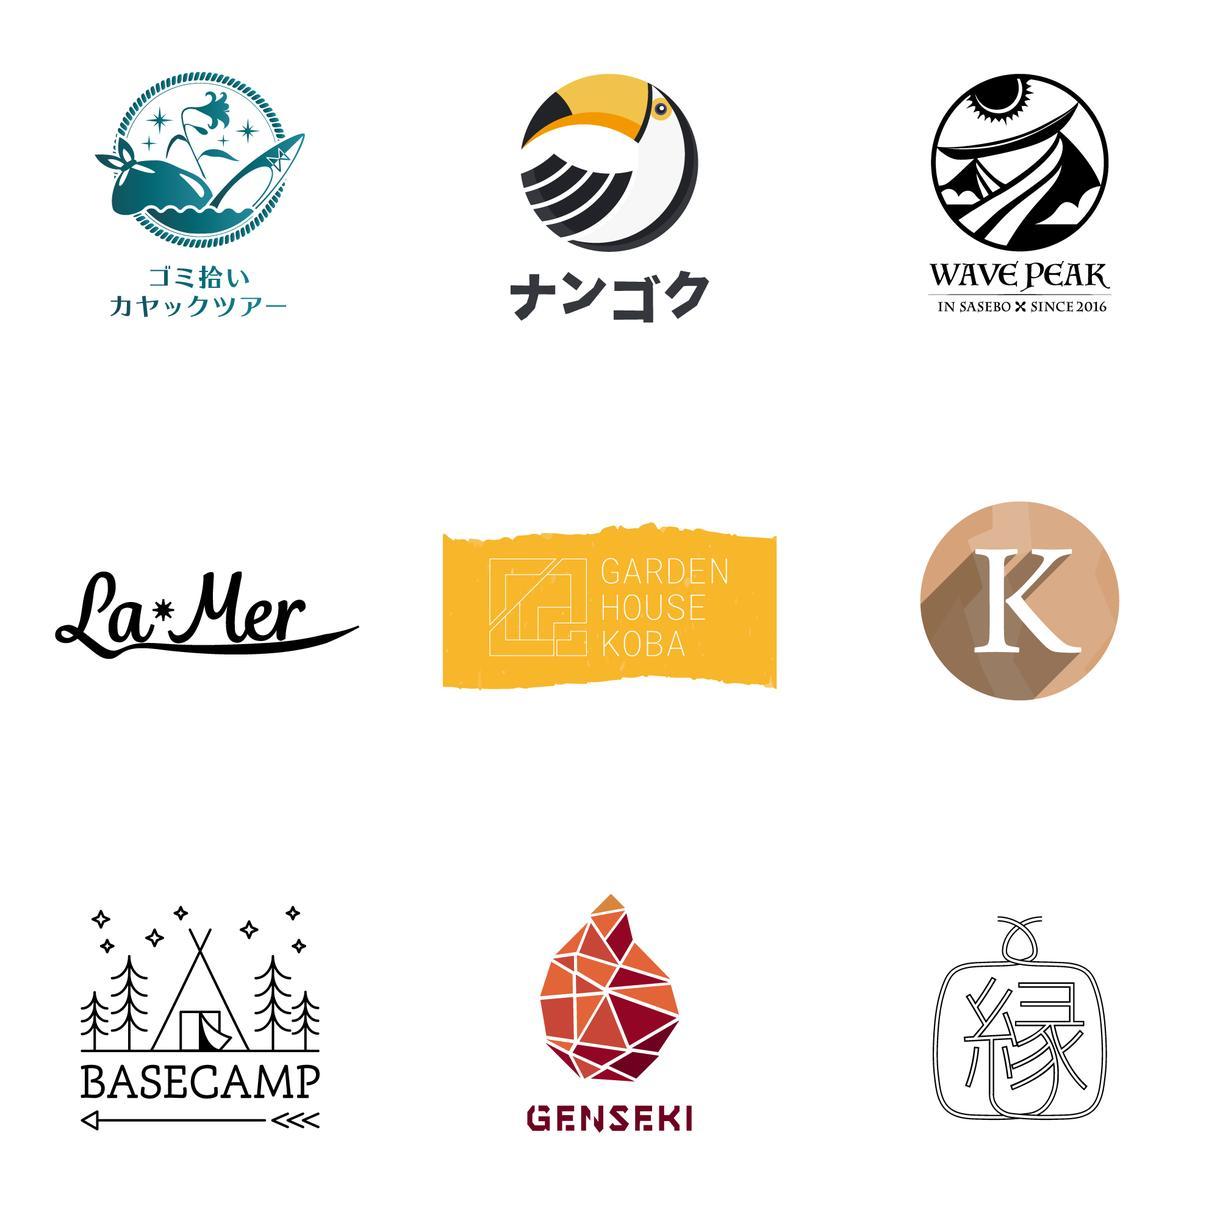 キャンセル・修正可 - 洗練した美しいロゴ作ります ロゴに込める思いを聞かせてください。それをカタチにします。